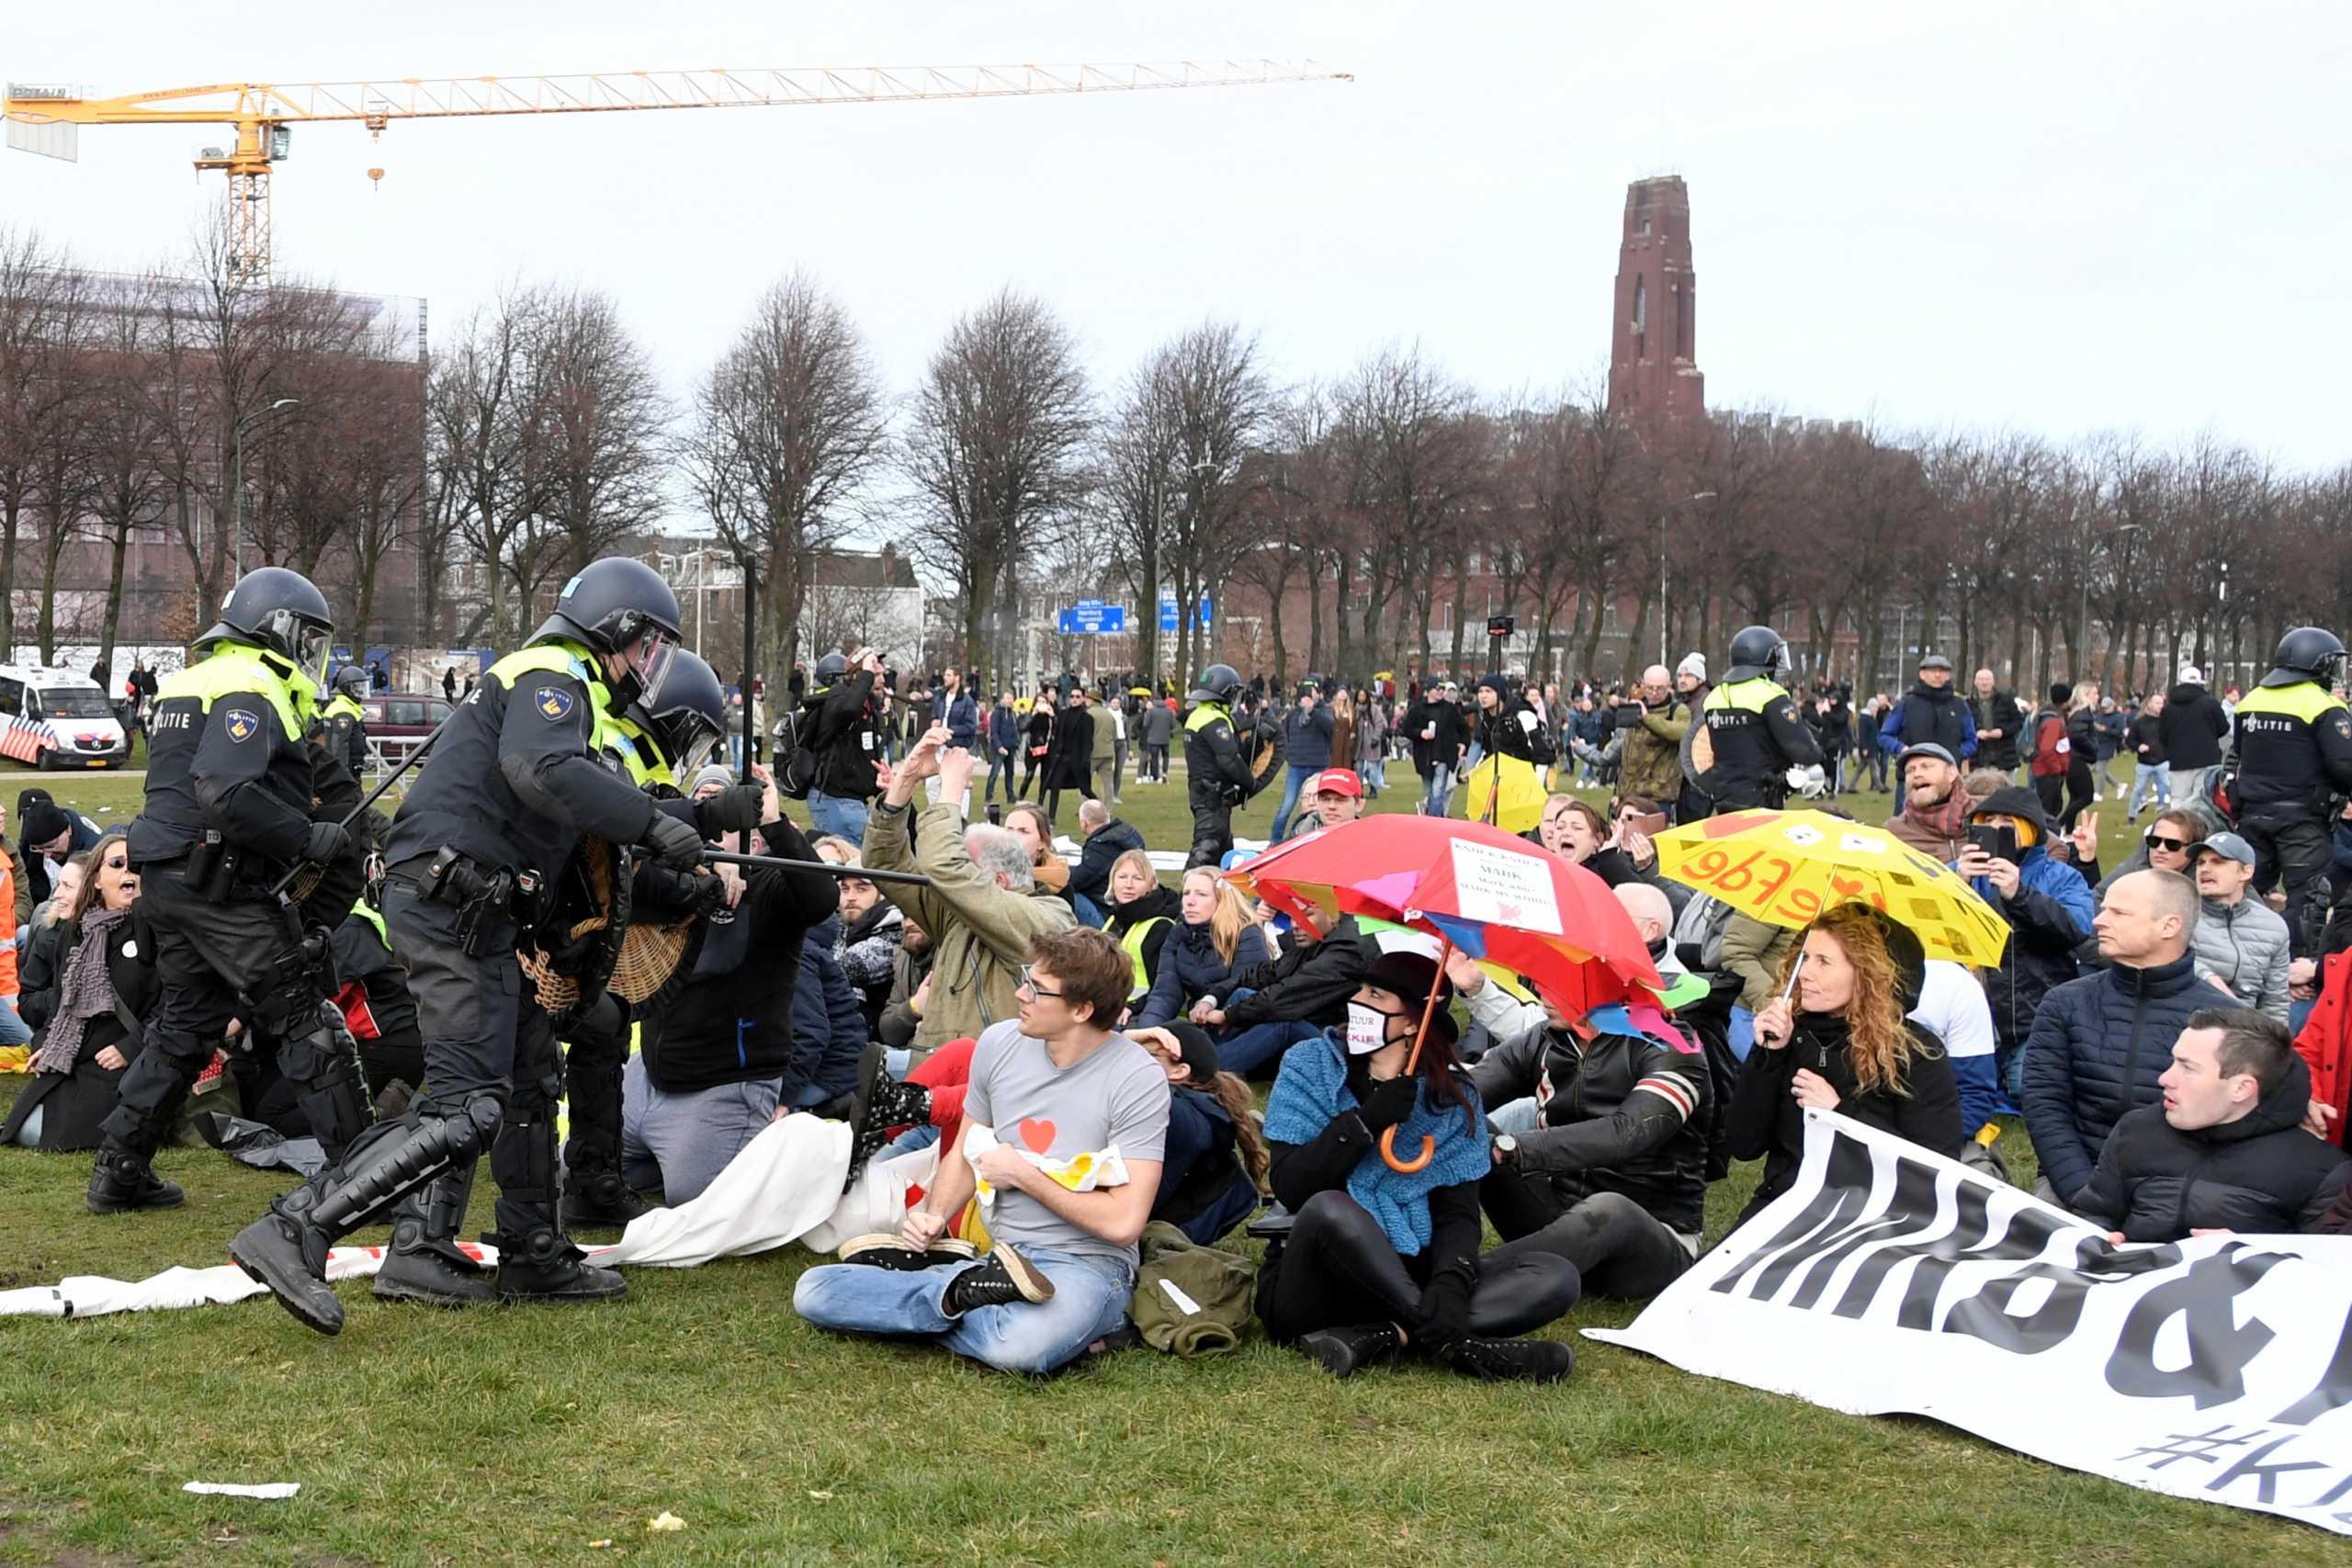 Χάγη: Η αστυνομία διέλυσε συγκέντρωση διαμαρτυρίας για τα μέτρα κατά του κορονοϊού